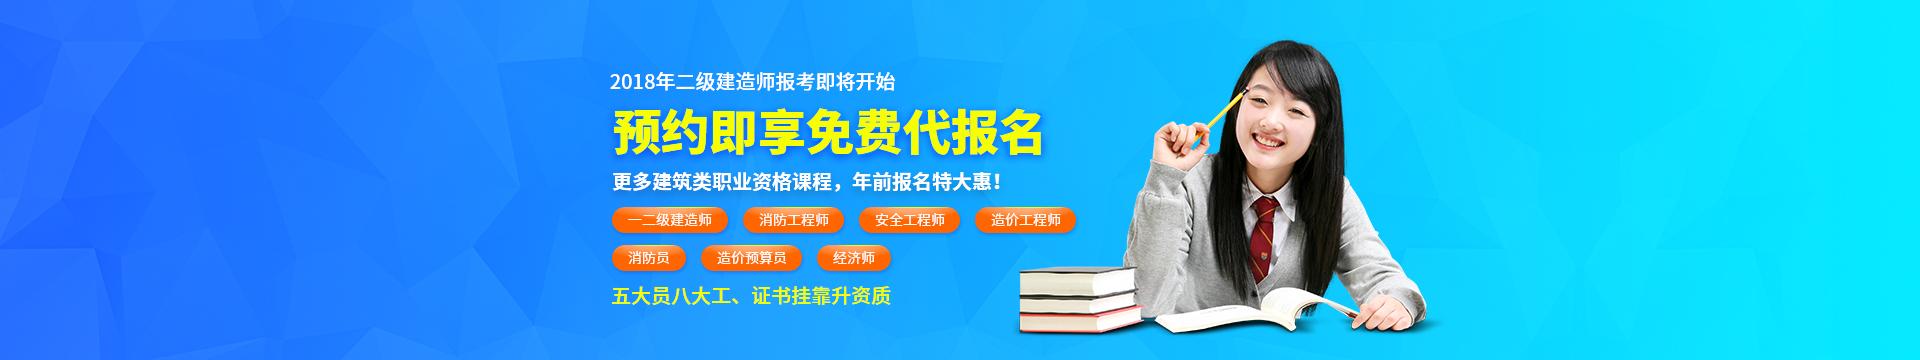 济南二建广告图